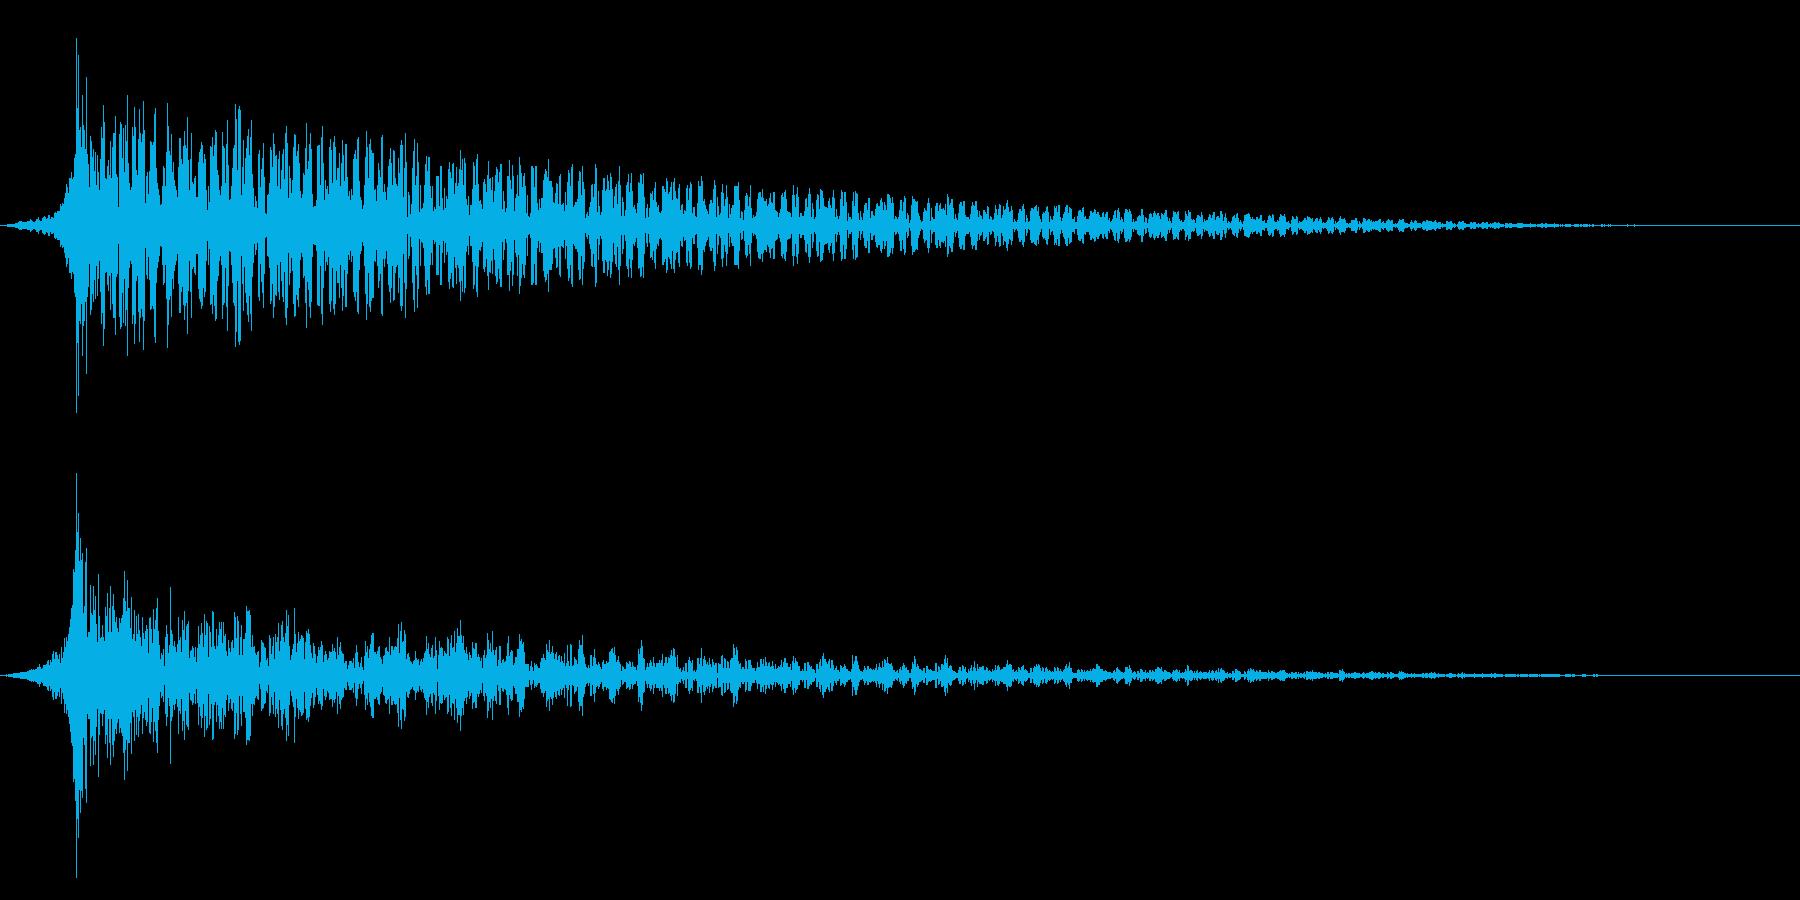 ホラー系アタック音89の再生済みの波形